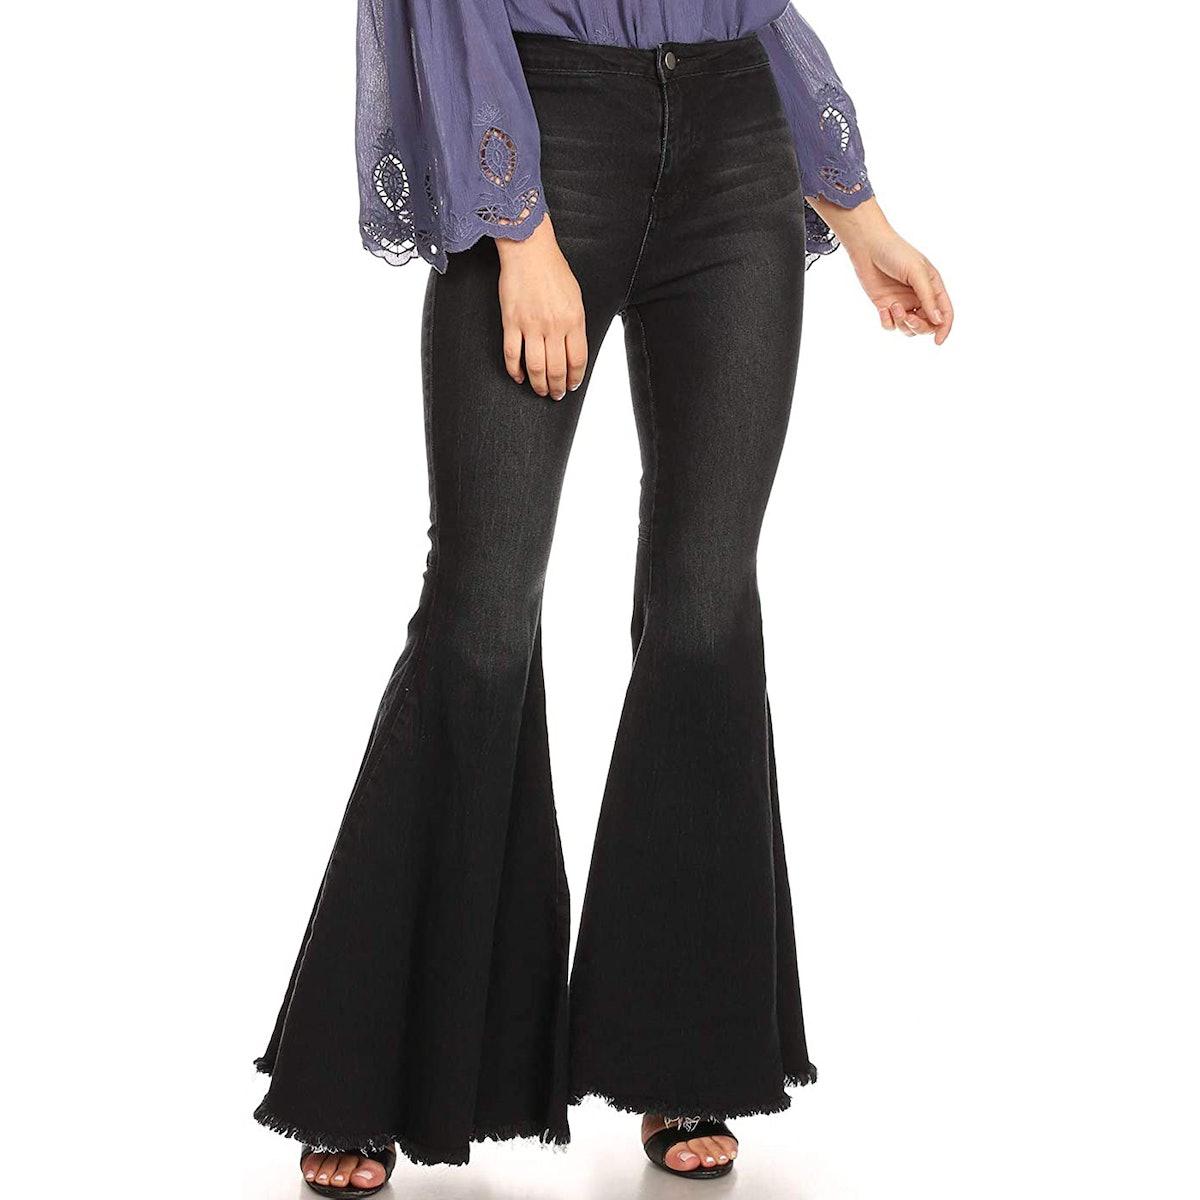 Anna-Kaci High-Waist Bell-Bottom Jeans